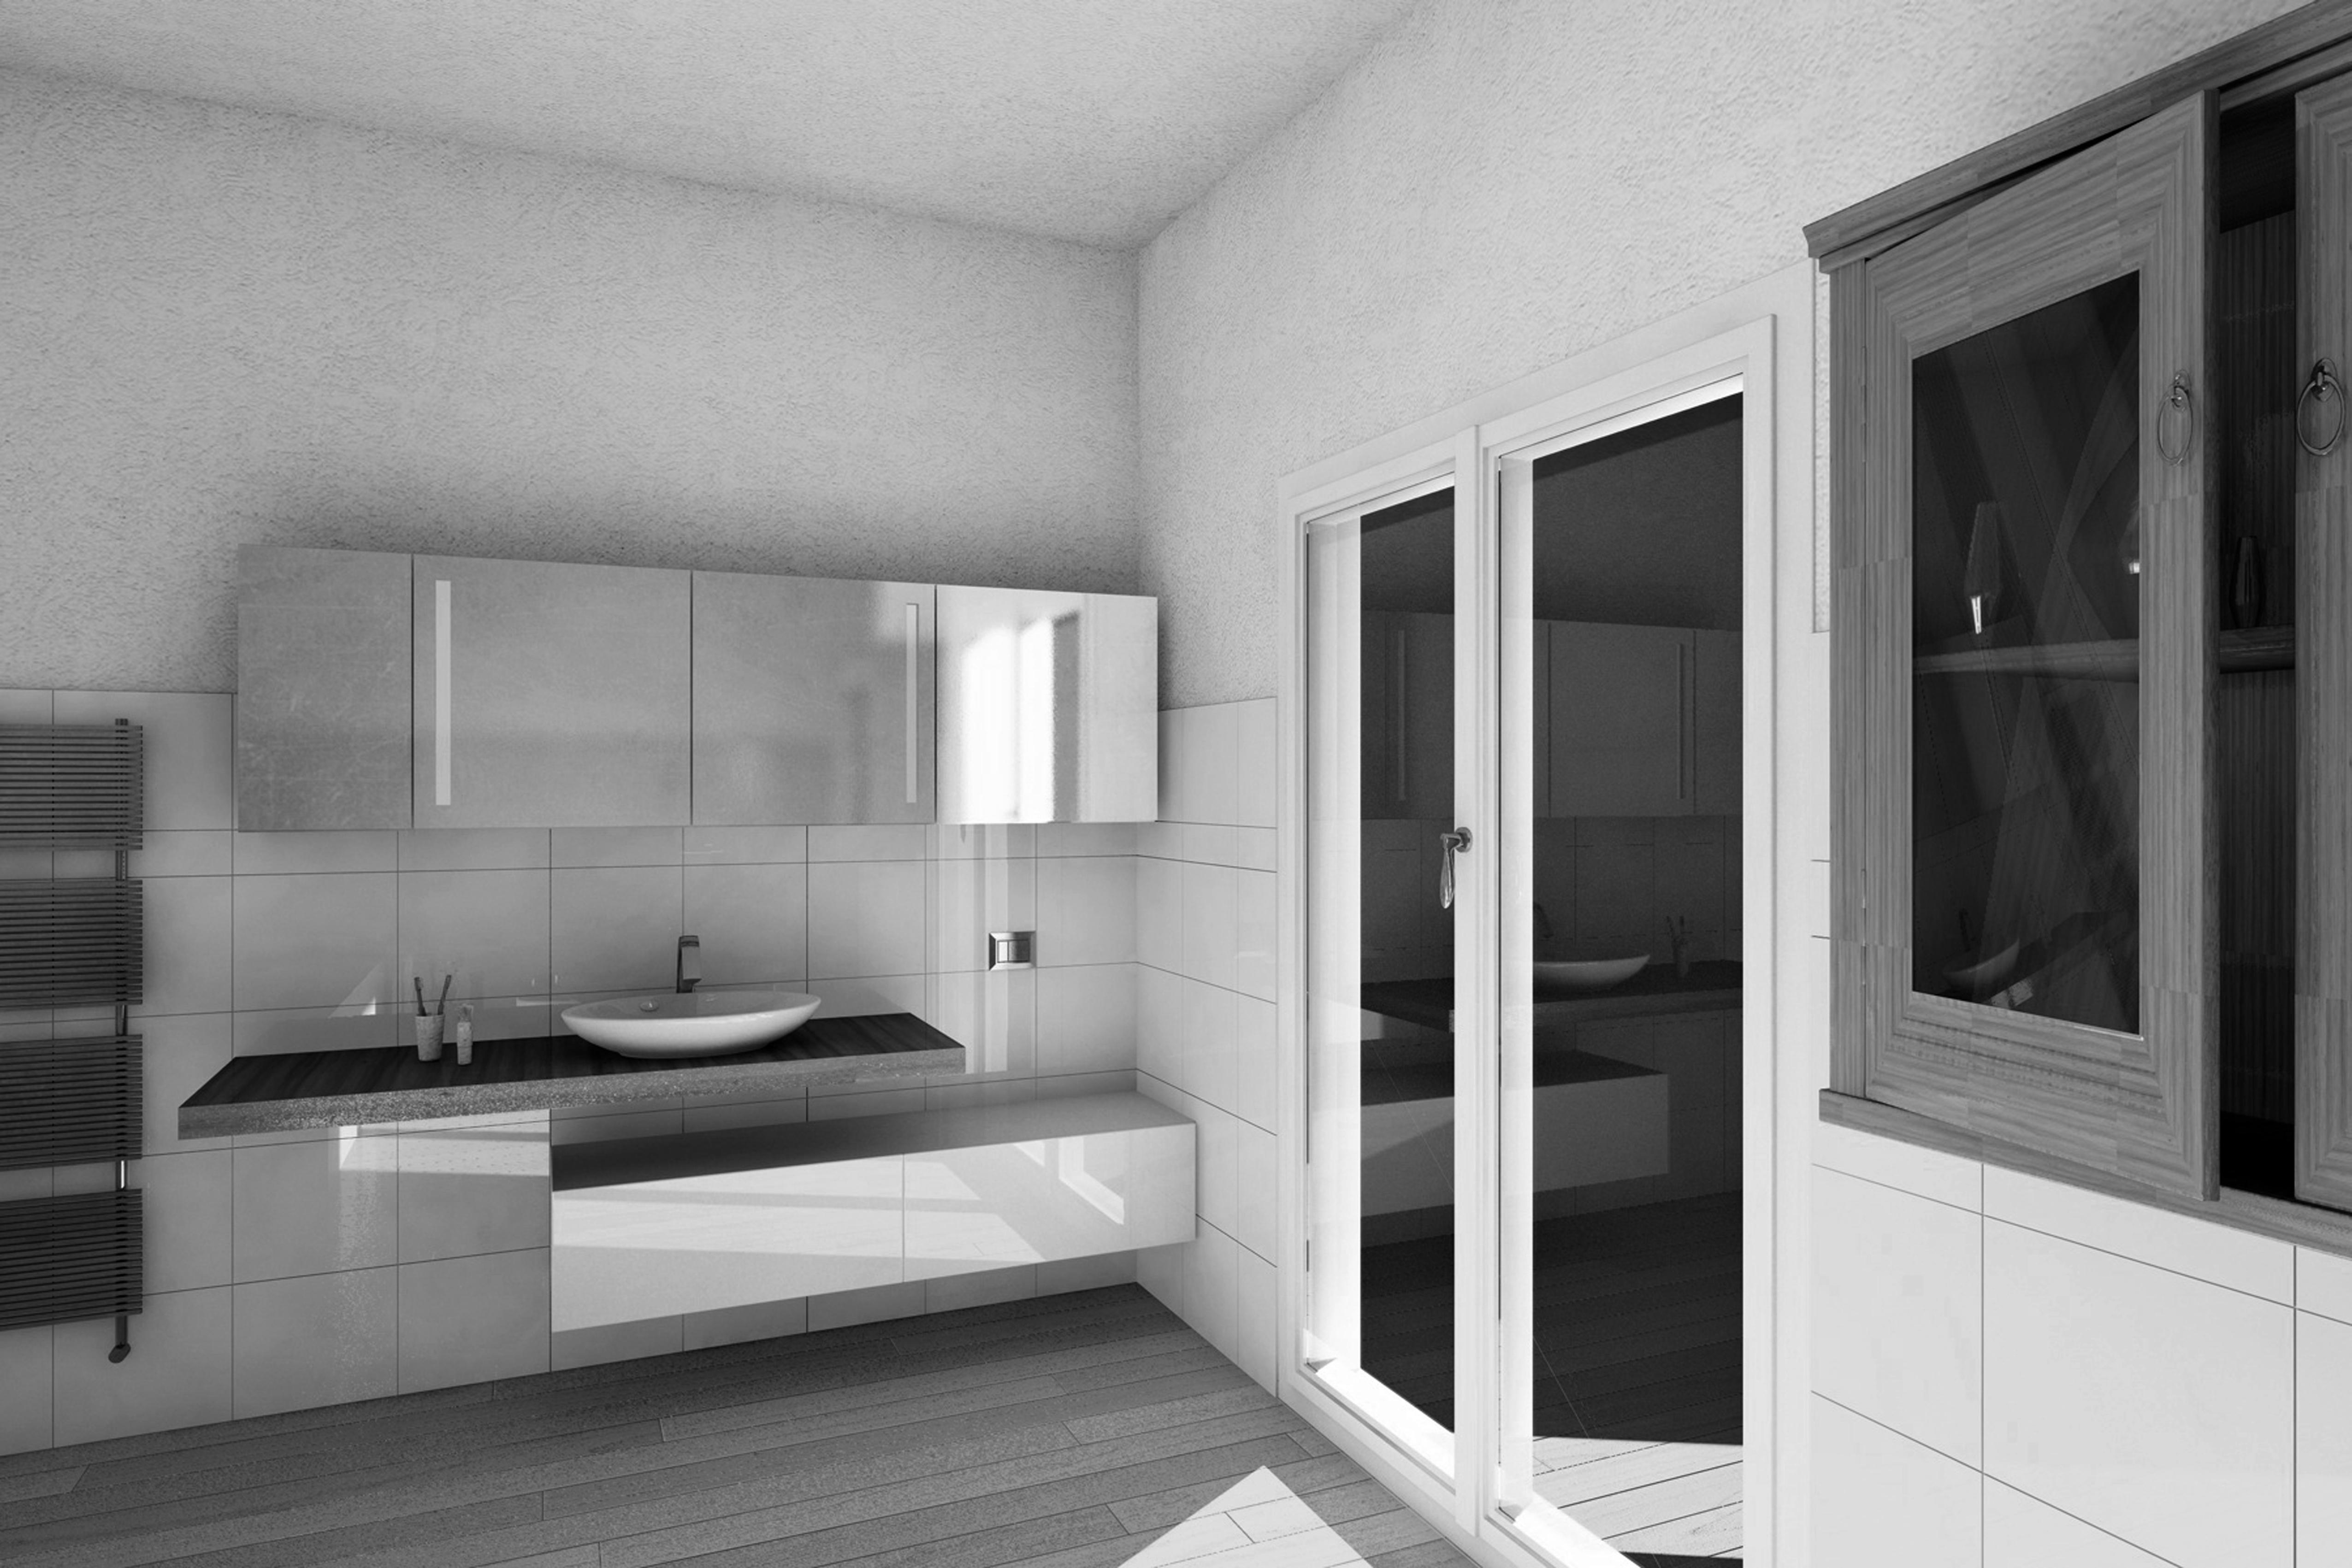 Arredare casa con gli specchi duo di specchi in camera da - Specchi in casa ...